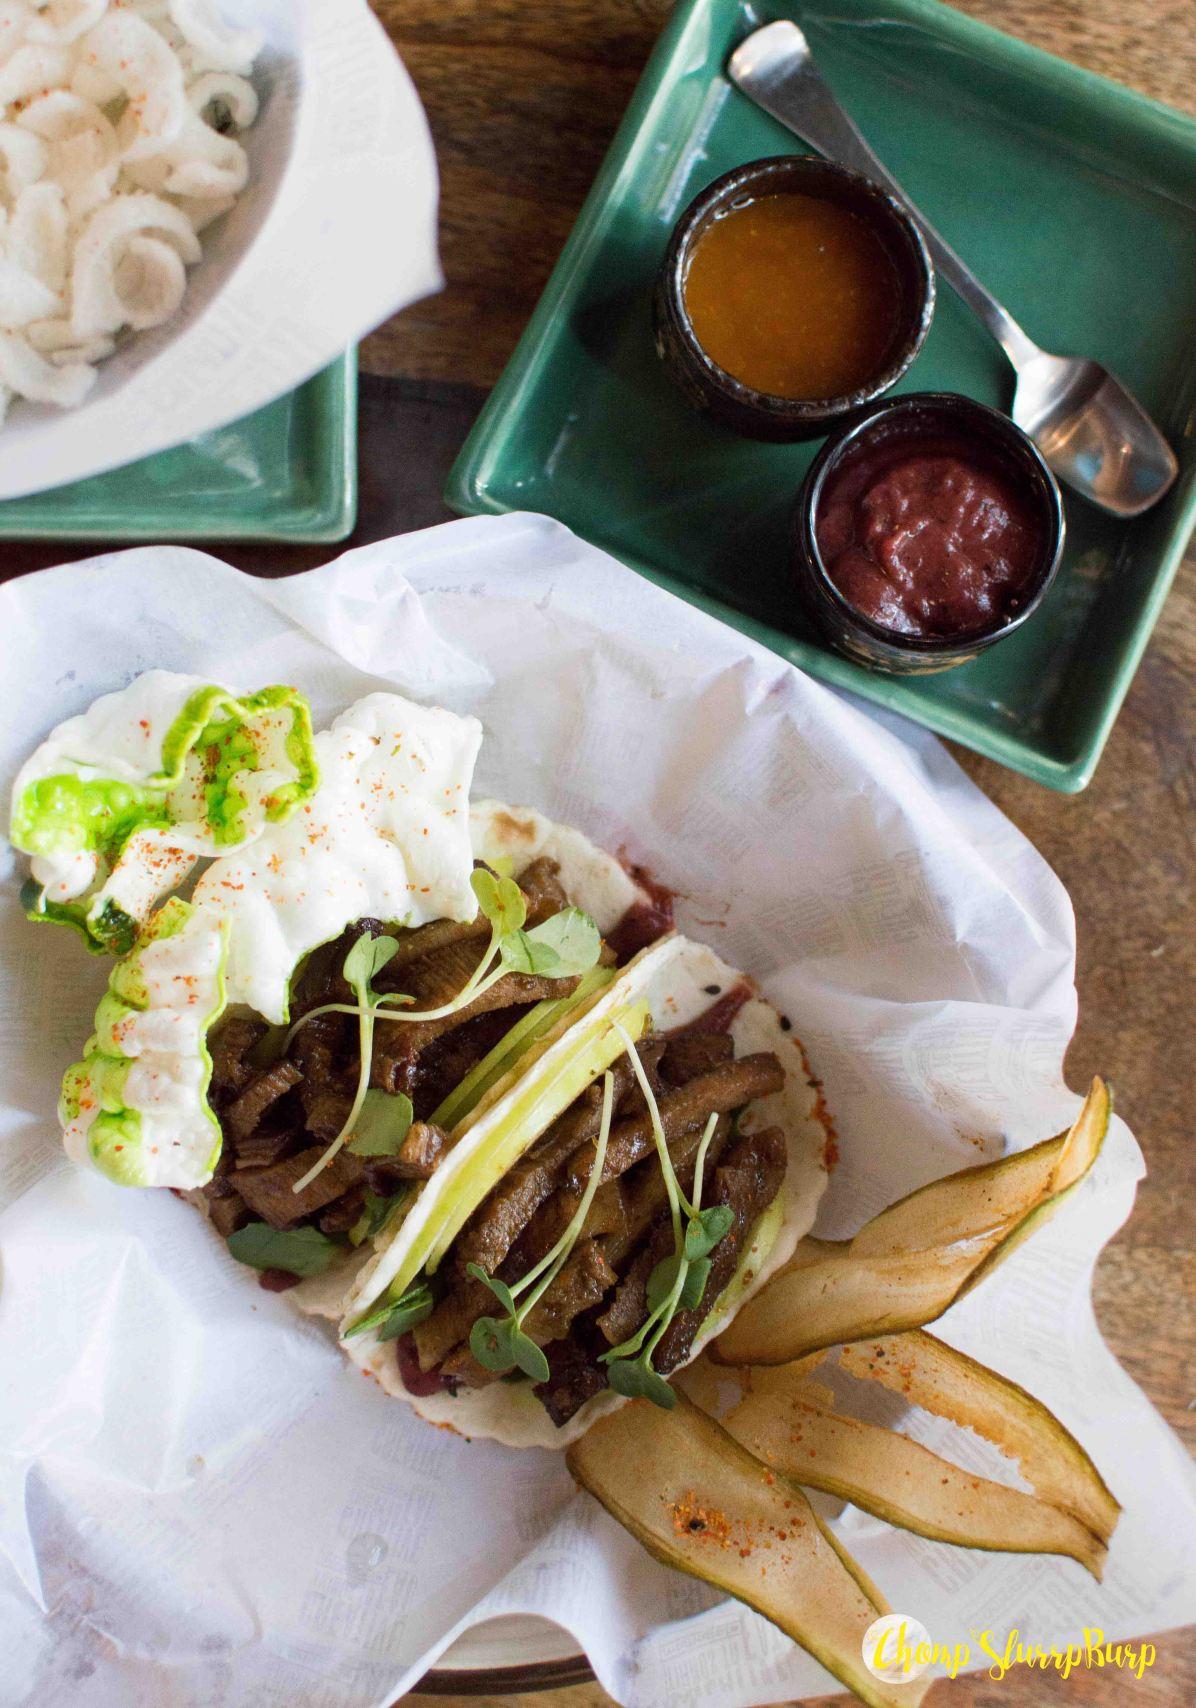 Porky tacos